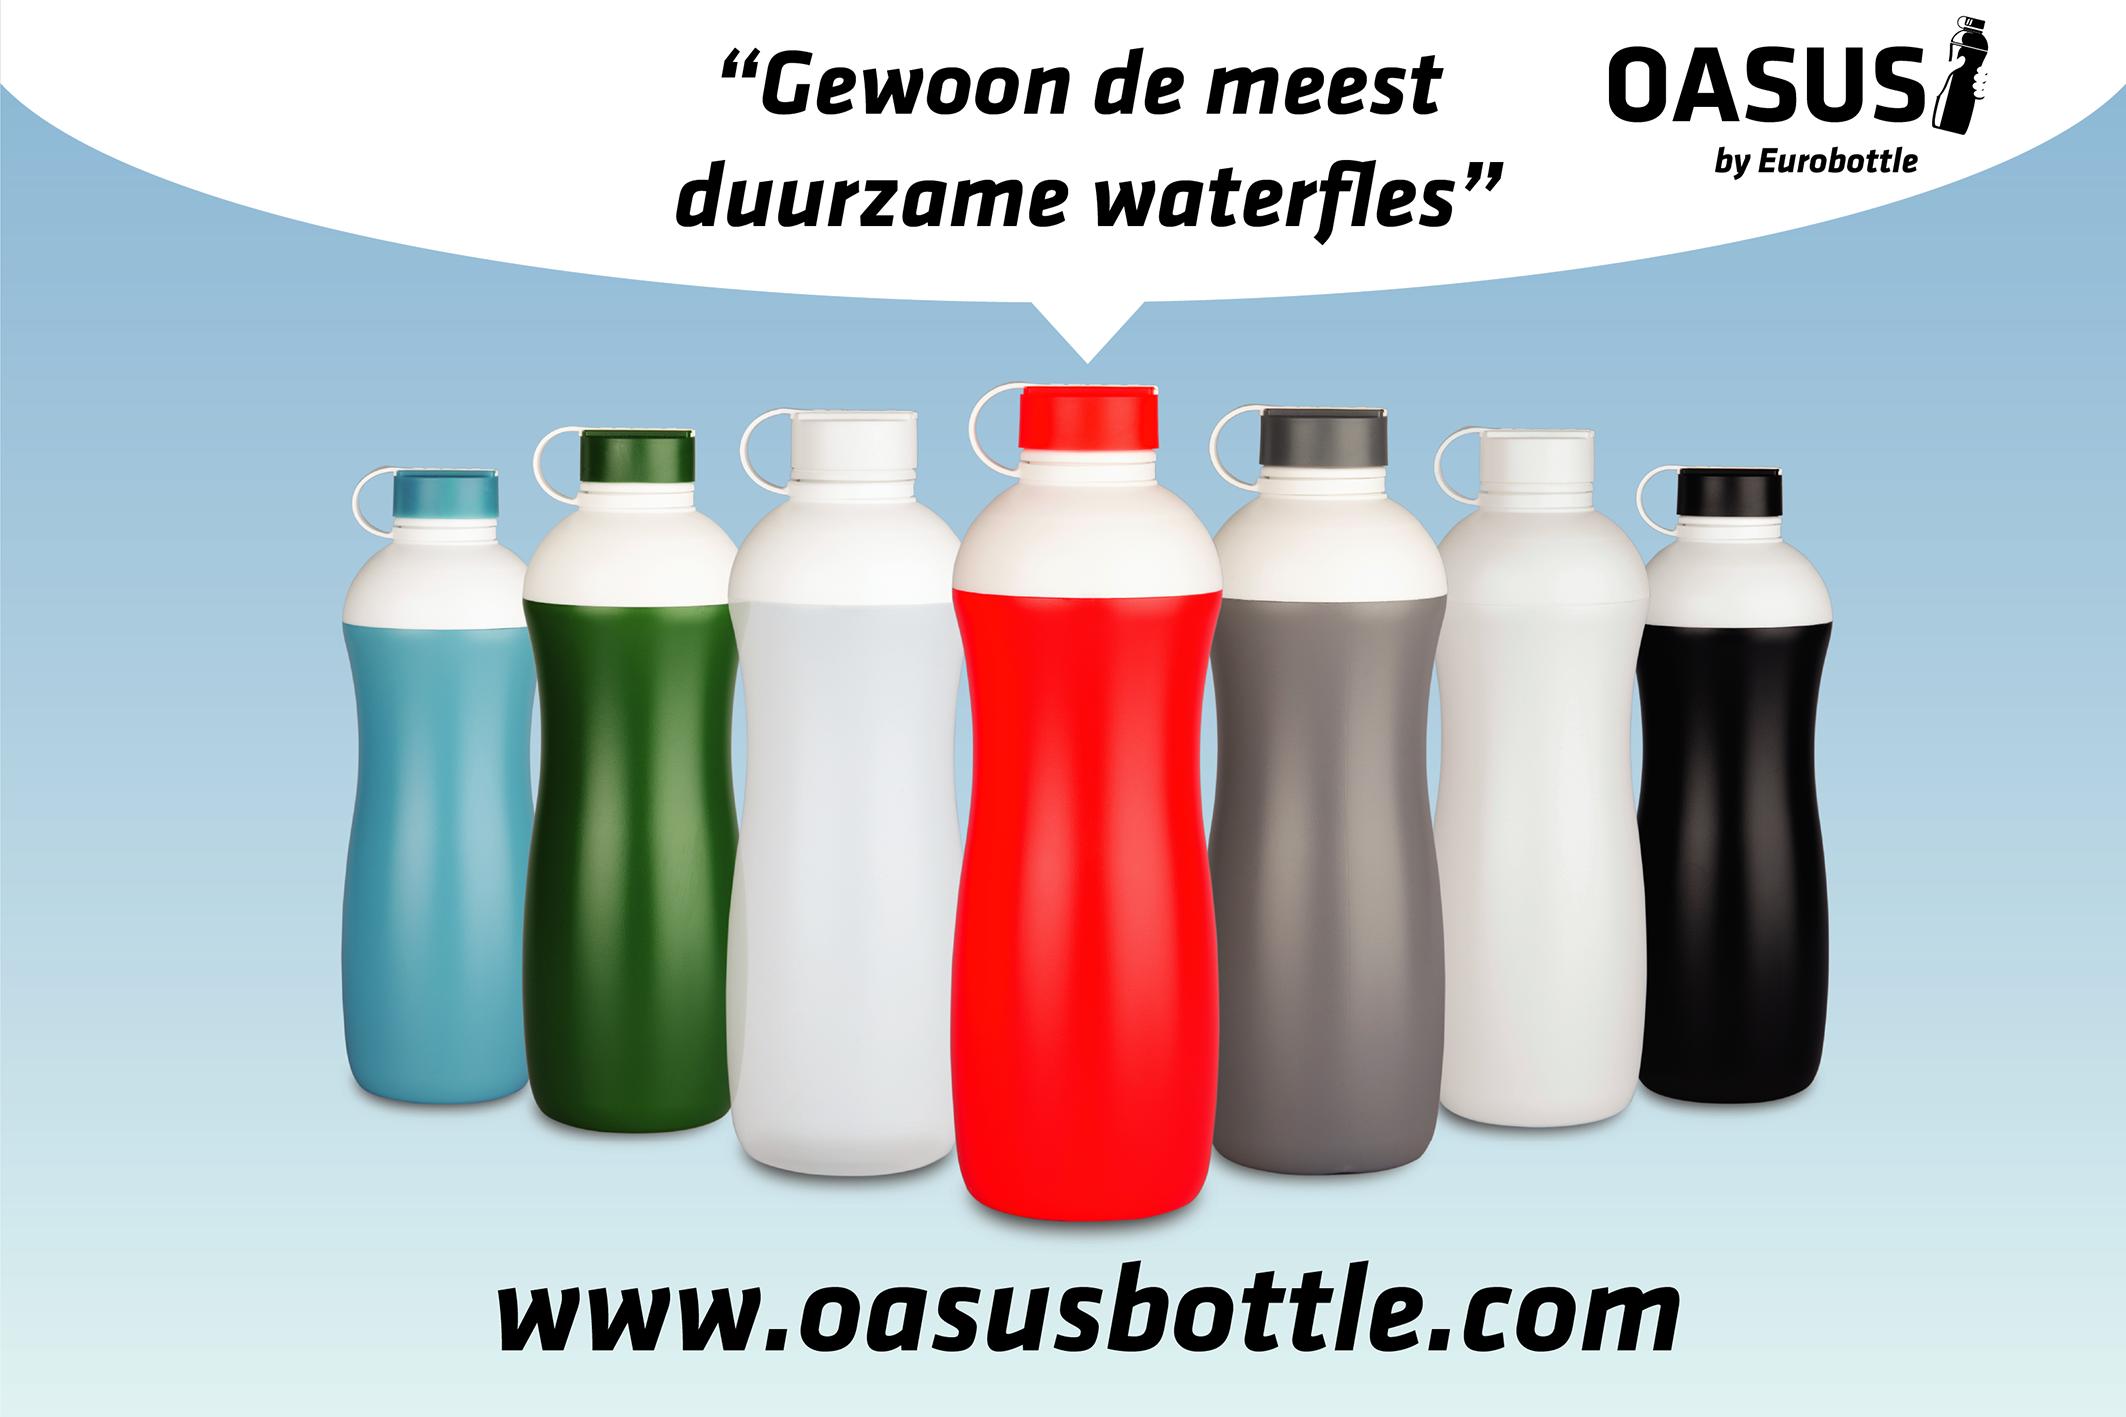 PromzVak_oktober21_Nieuwsbrief_750x500_ New ProductZ relatiegeschenken duurzame waterfles